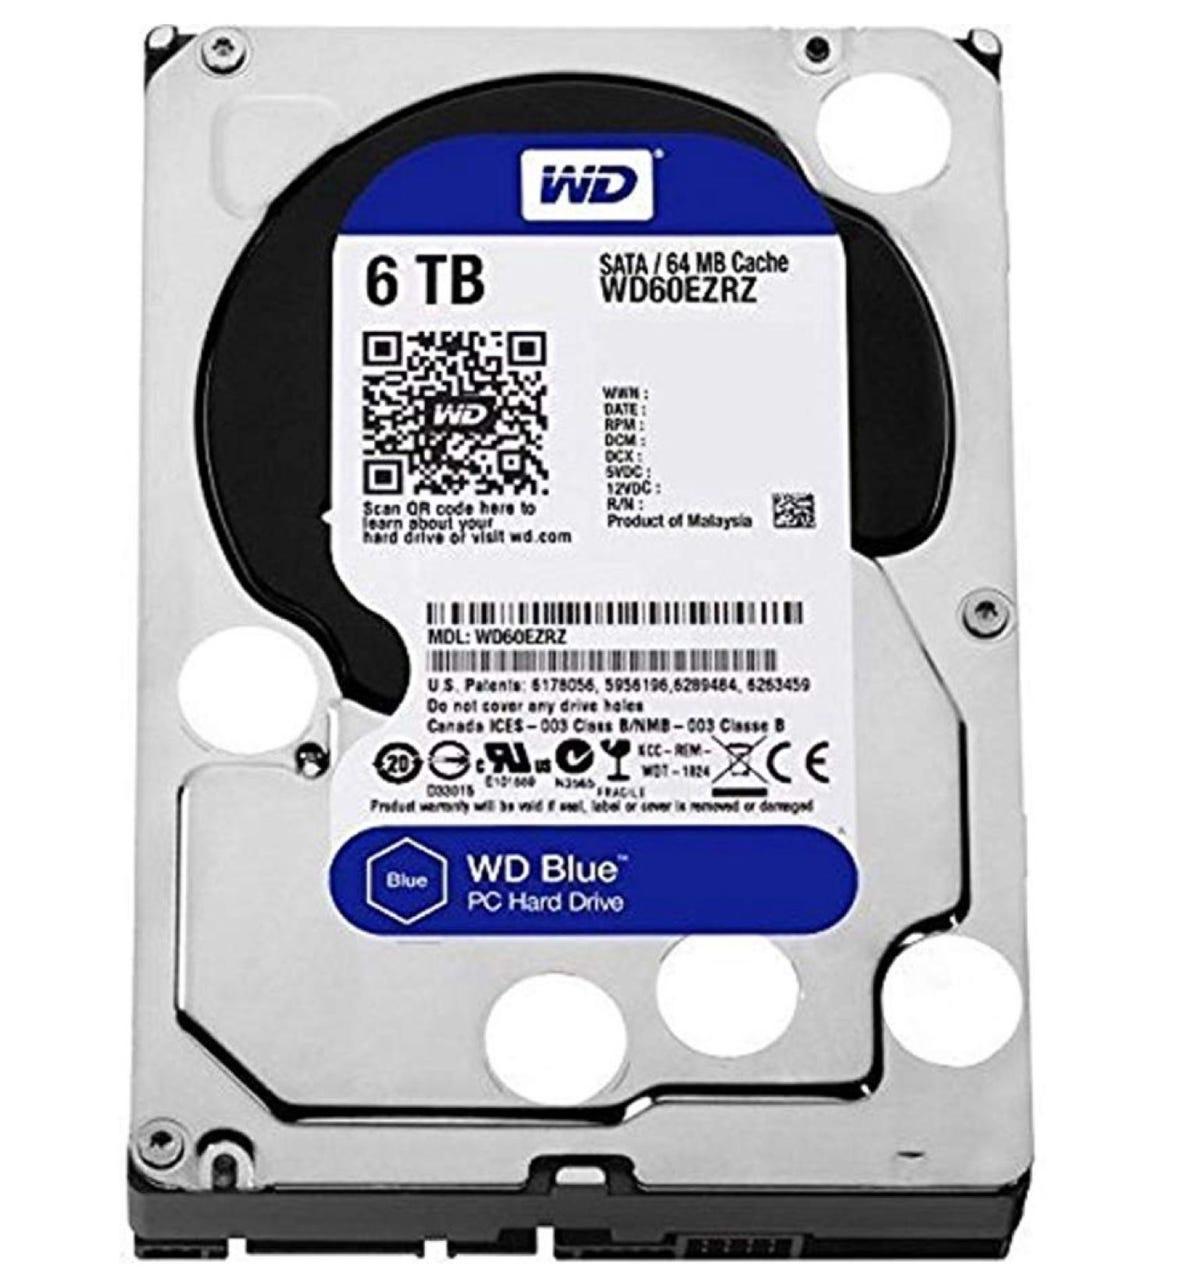 WD Blue 6TB PC Hard Drive